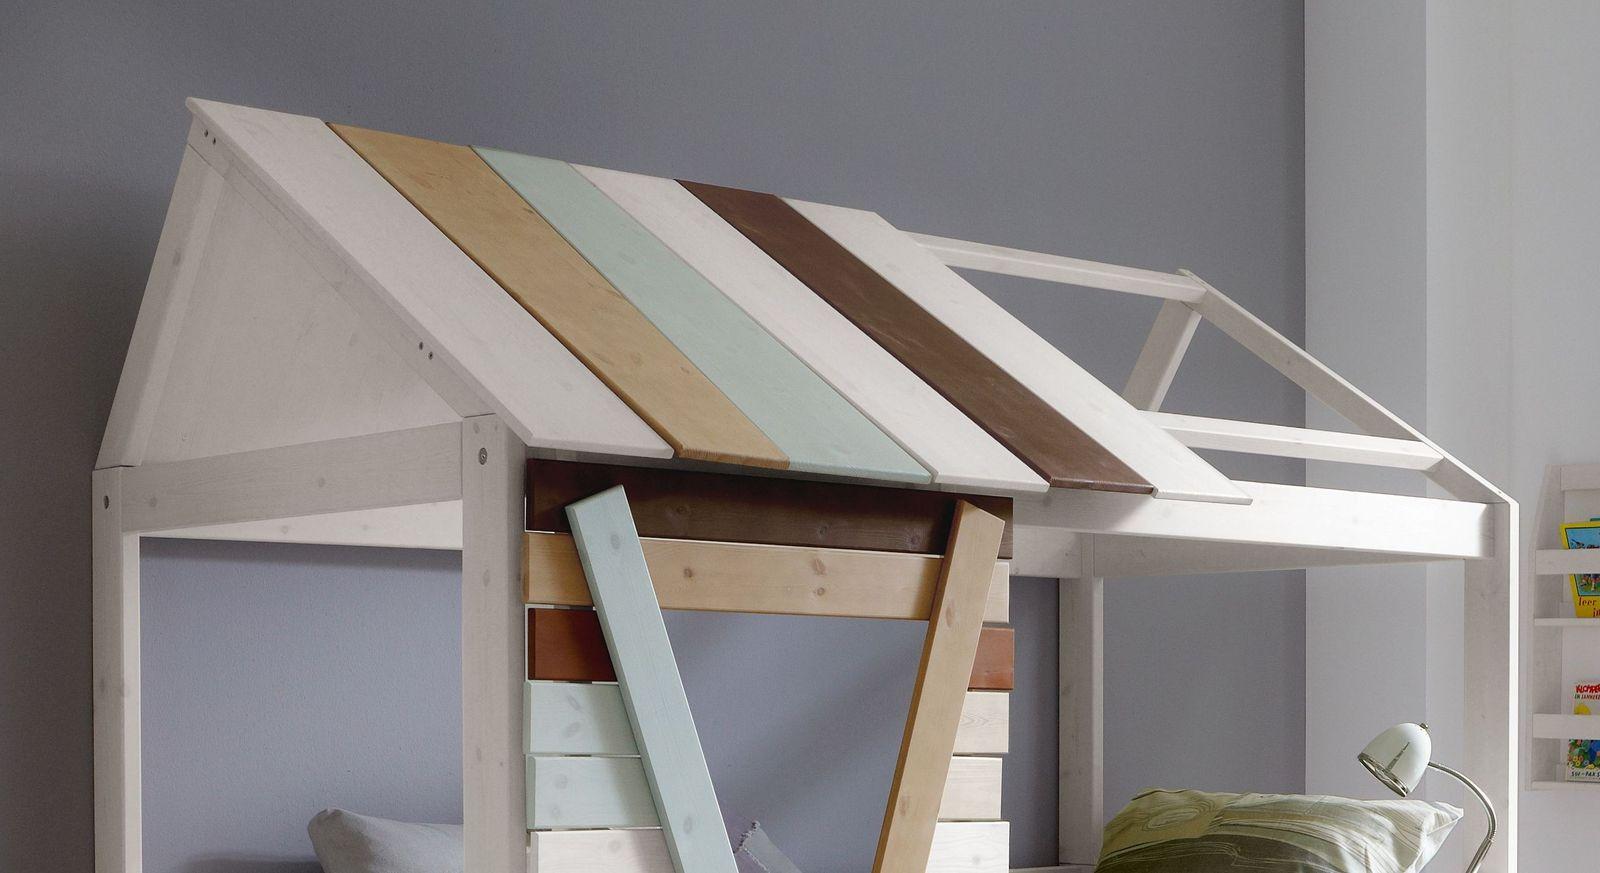 LIFETIME Hütten-Kojenbett Survival inklusive Dachkonstruktion mit farbigen Dachlatten